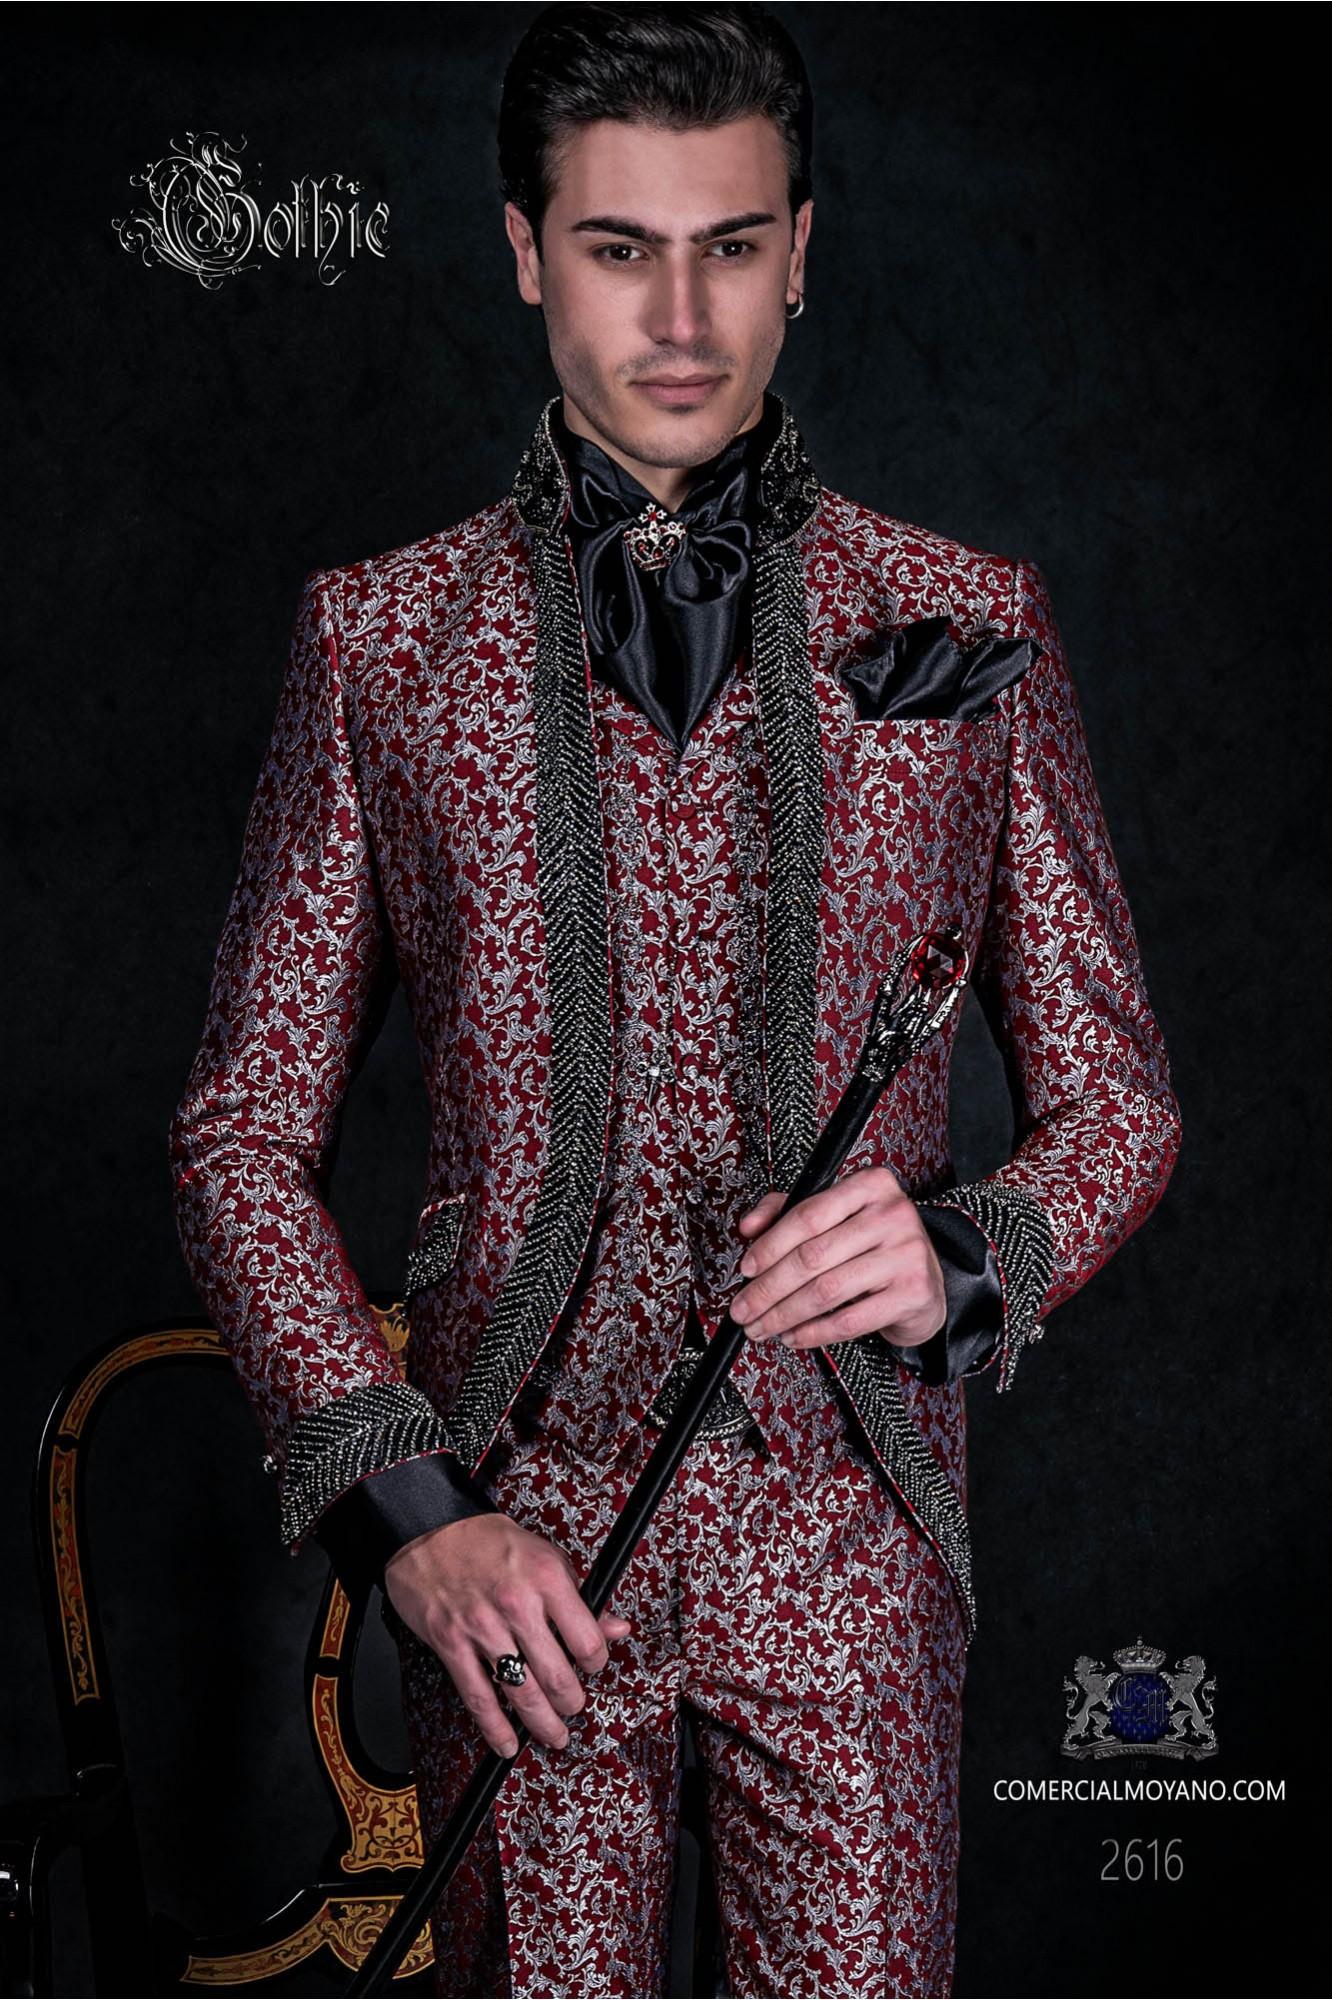 rouge Mao strass noirs brocart col avec Homme en de Manteau et de argent Vintage avec mariée tissu eW9EHID2Y